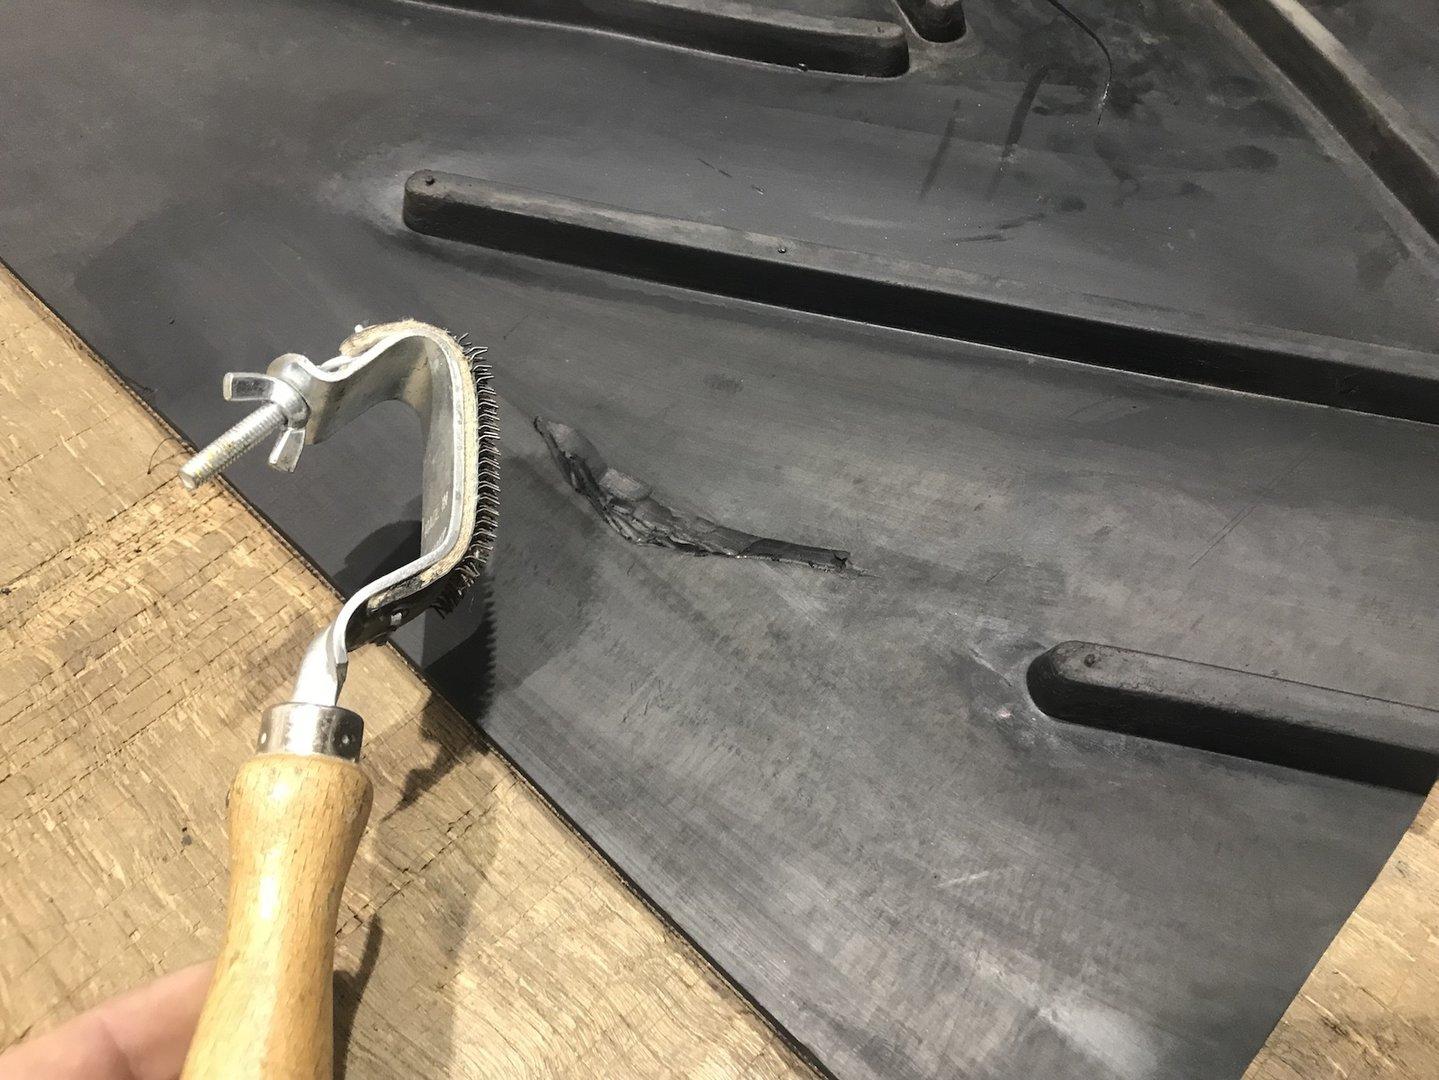 Conveyor Belt Rubber Repair Kit Designed For Fixing Rubber